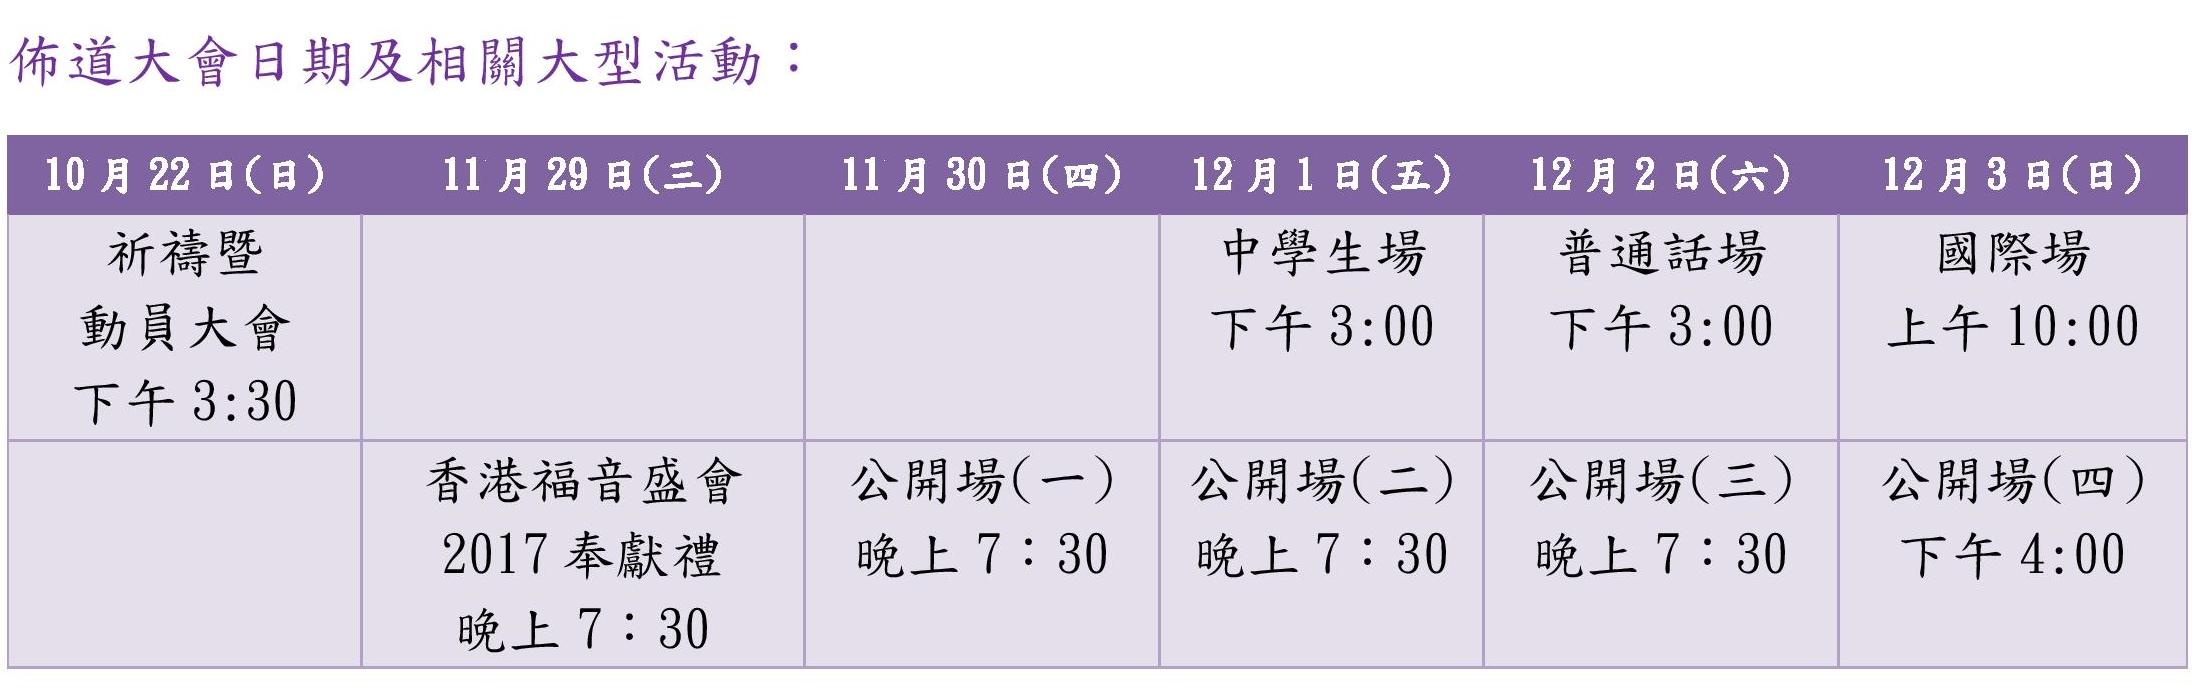 佈道大會日期及相關大型活動_05.17